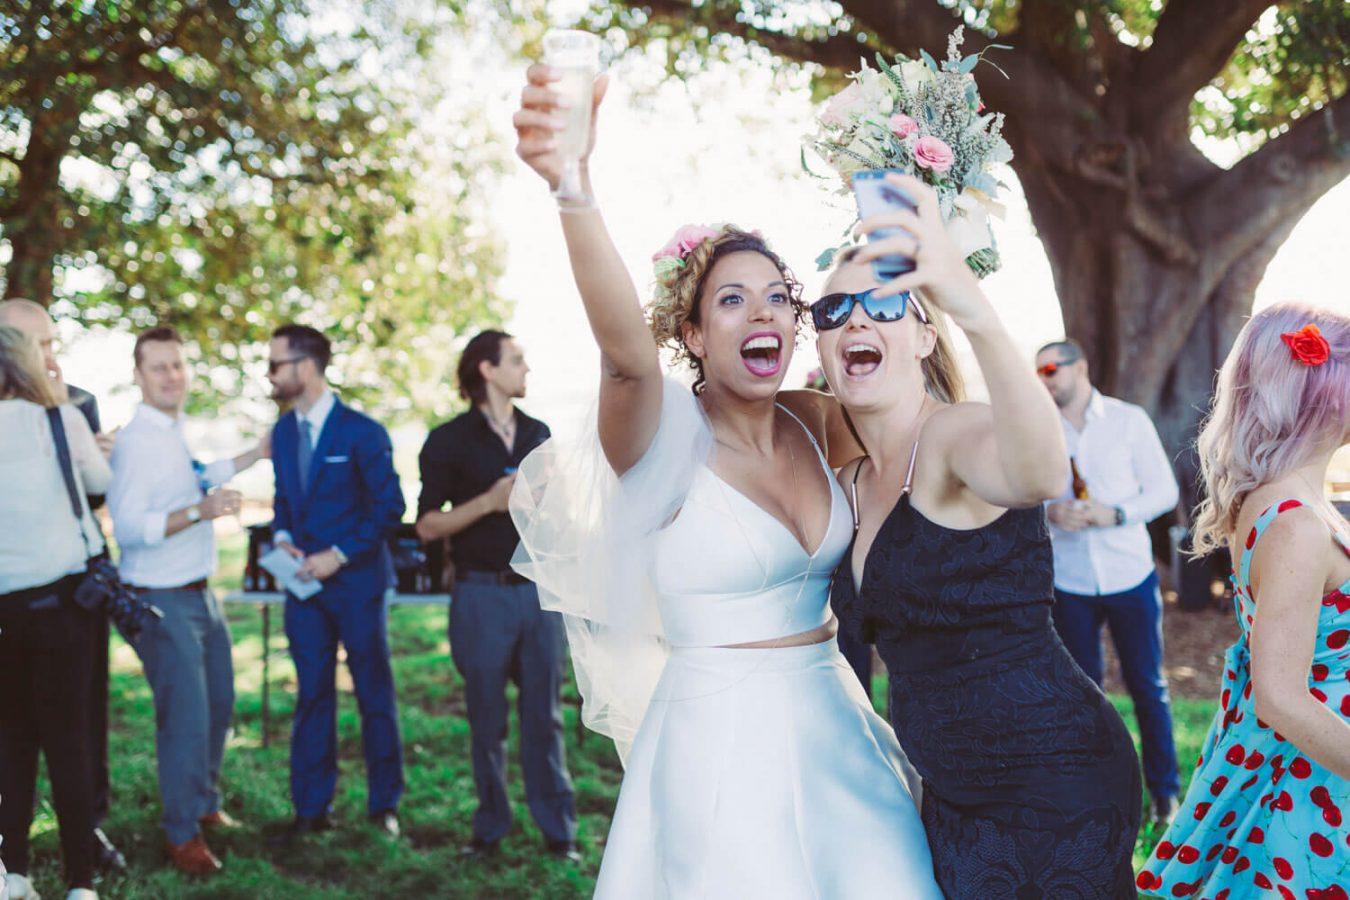 lela_rob_wedding_kat_rollings-0183